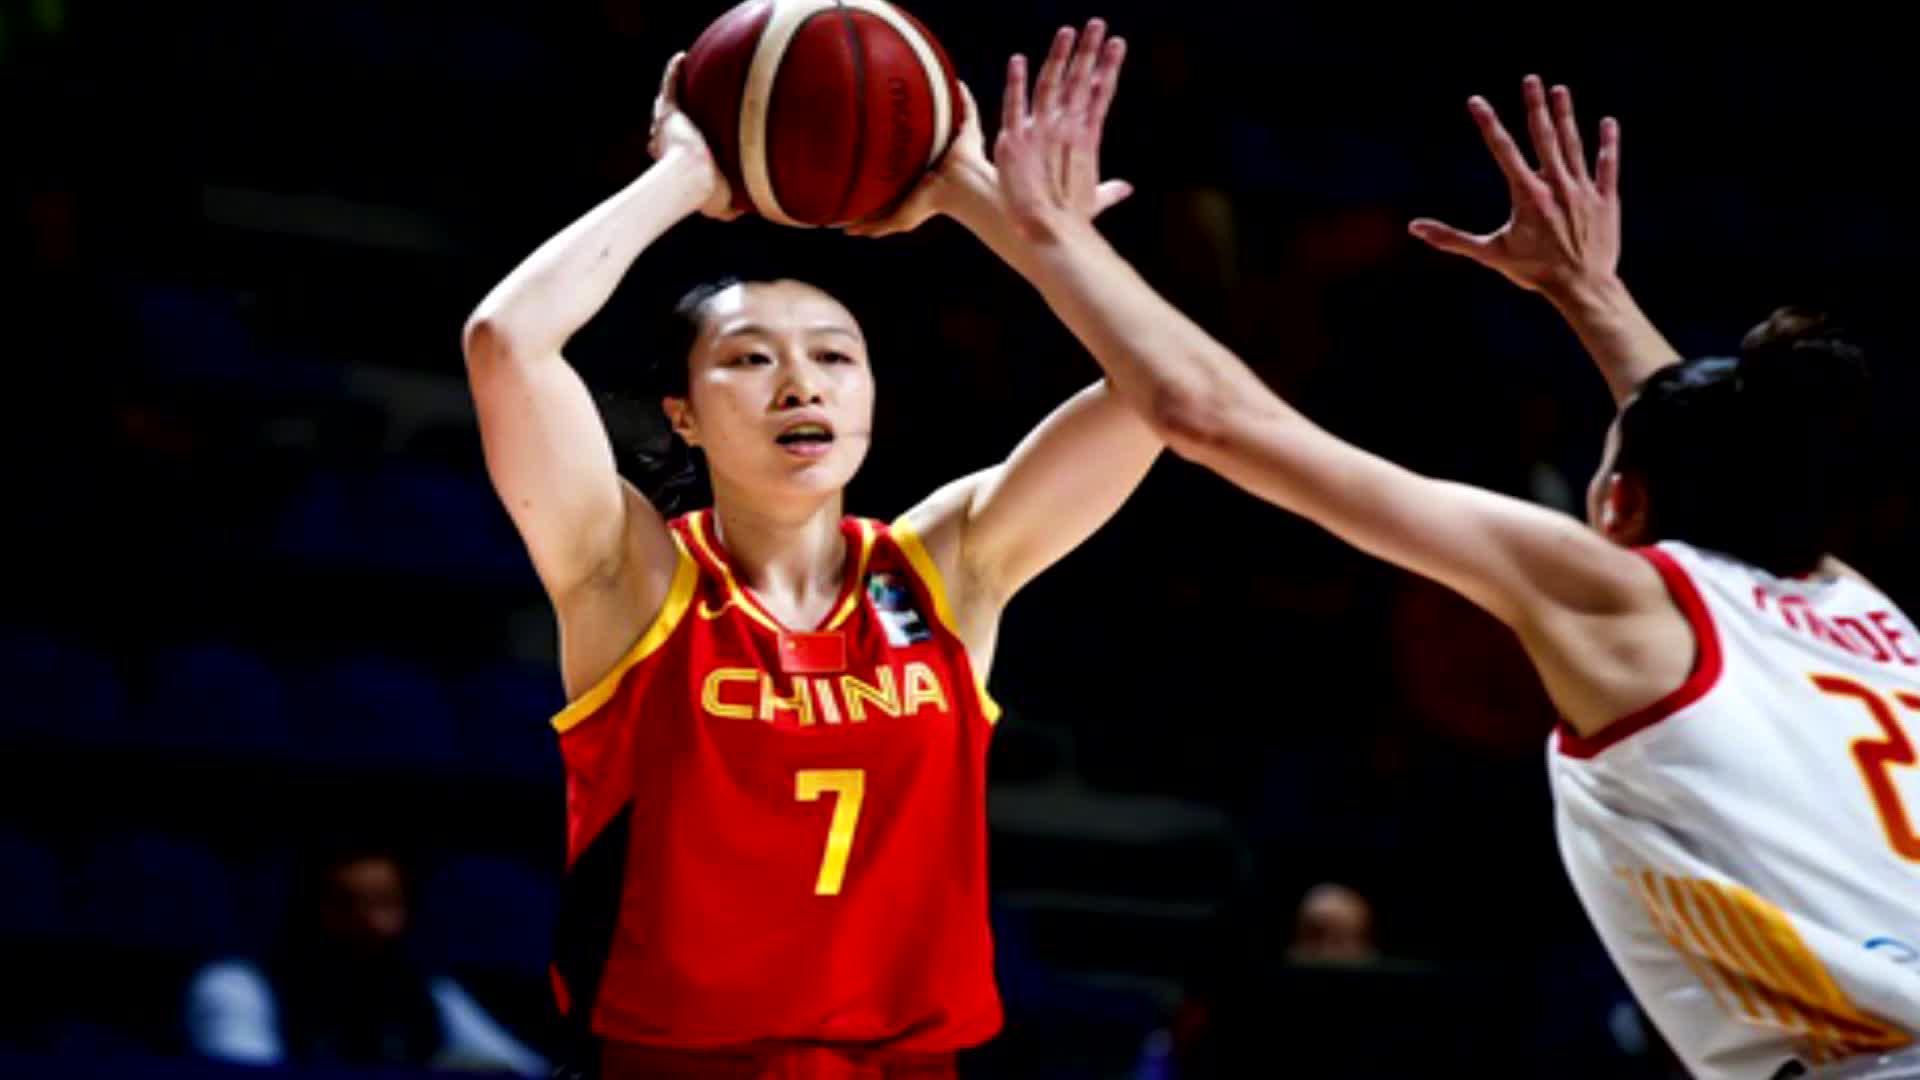 官宣:中国女篮一姐加盟四川女篮 将代表川军参加下赛季联赛